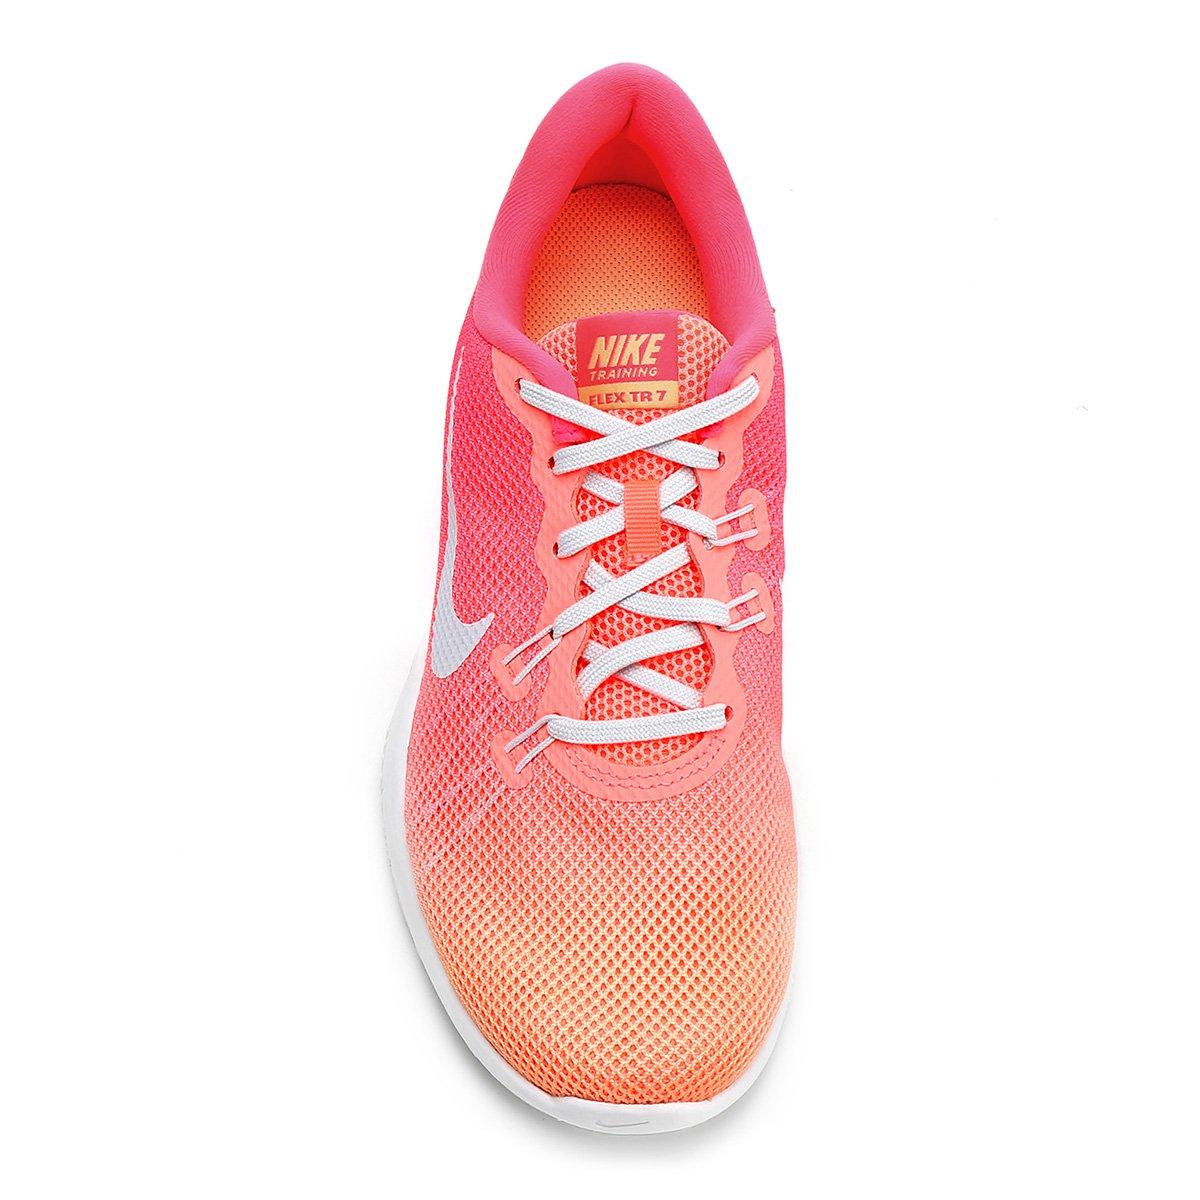 192108718a8 Tênis Nike Free Form Tr Fade Feminino - Compre Agora